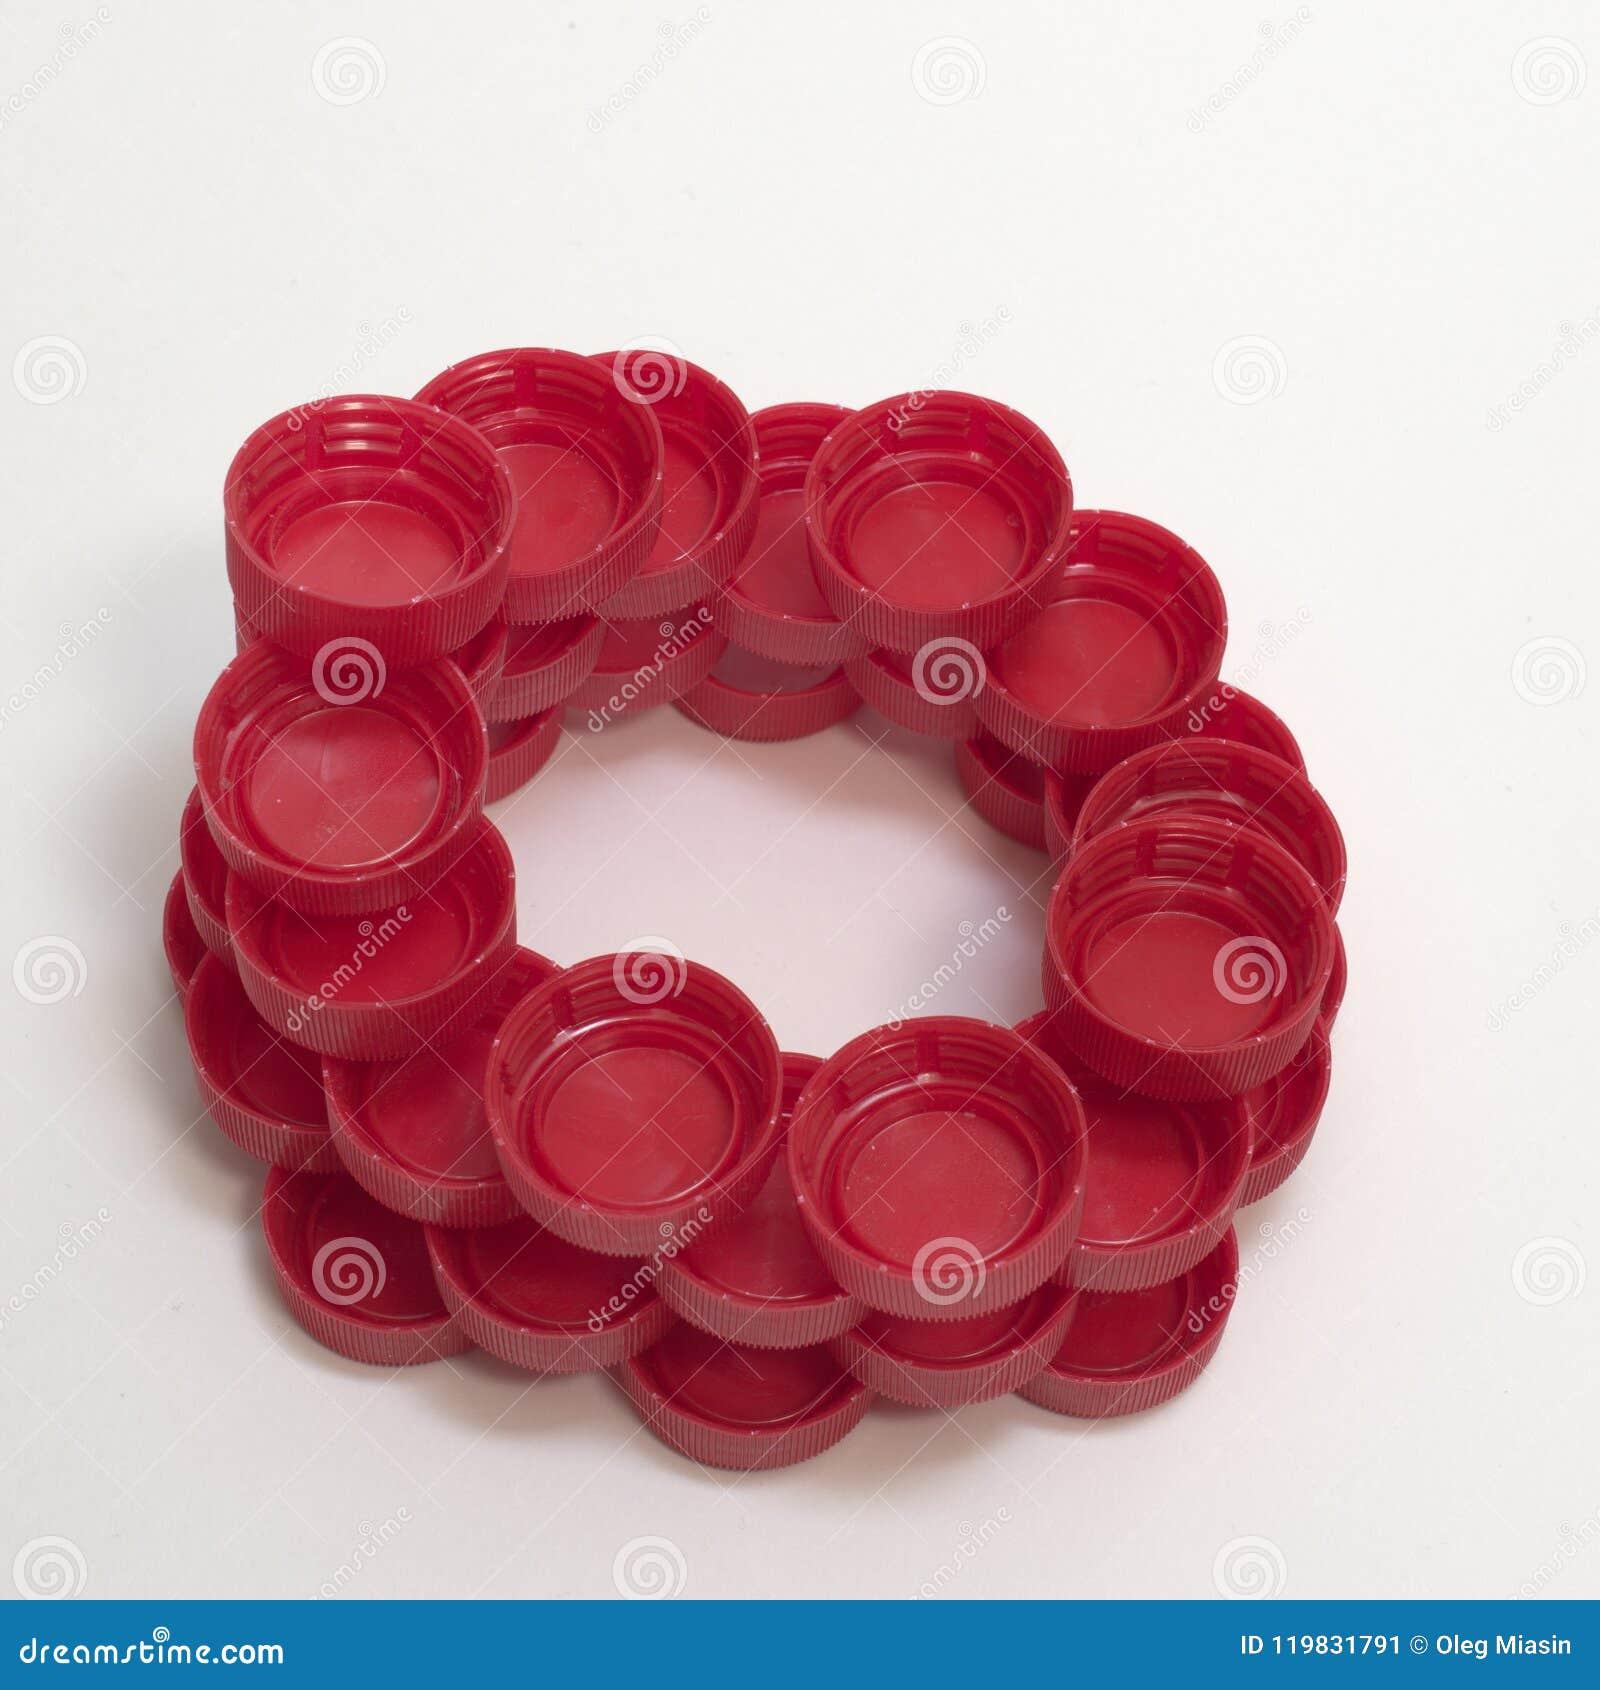 Δακτυλιοειδής περίπλοκος αριθμός φιαγμένος από κόκκινο ραβδωτό πλαστικό μπουκάλι γ